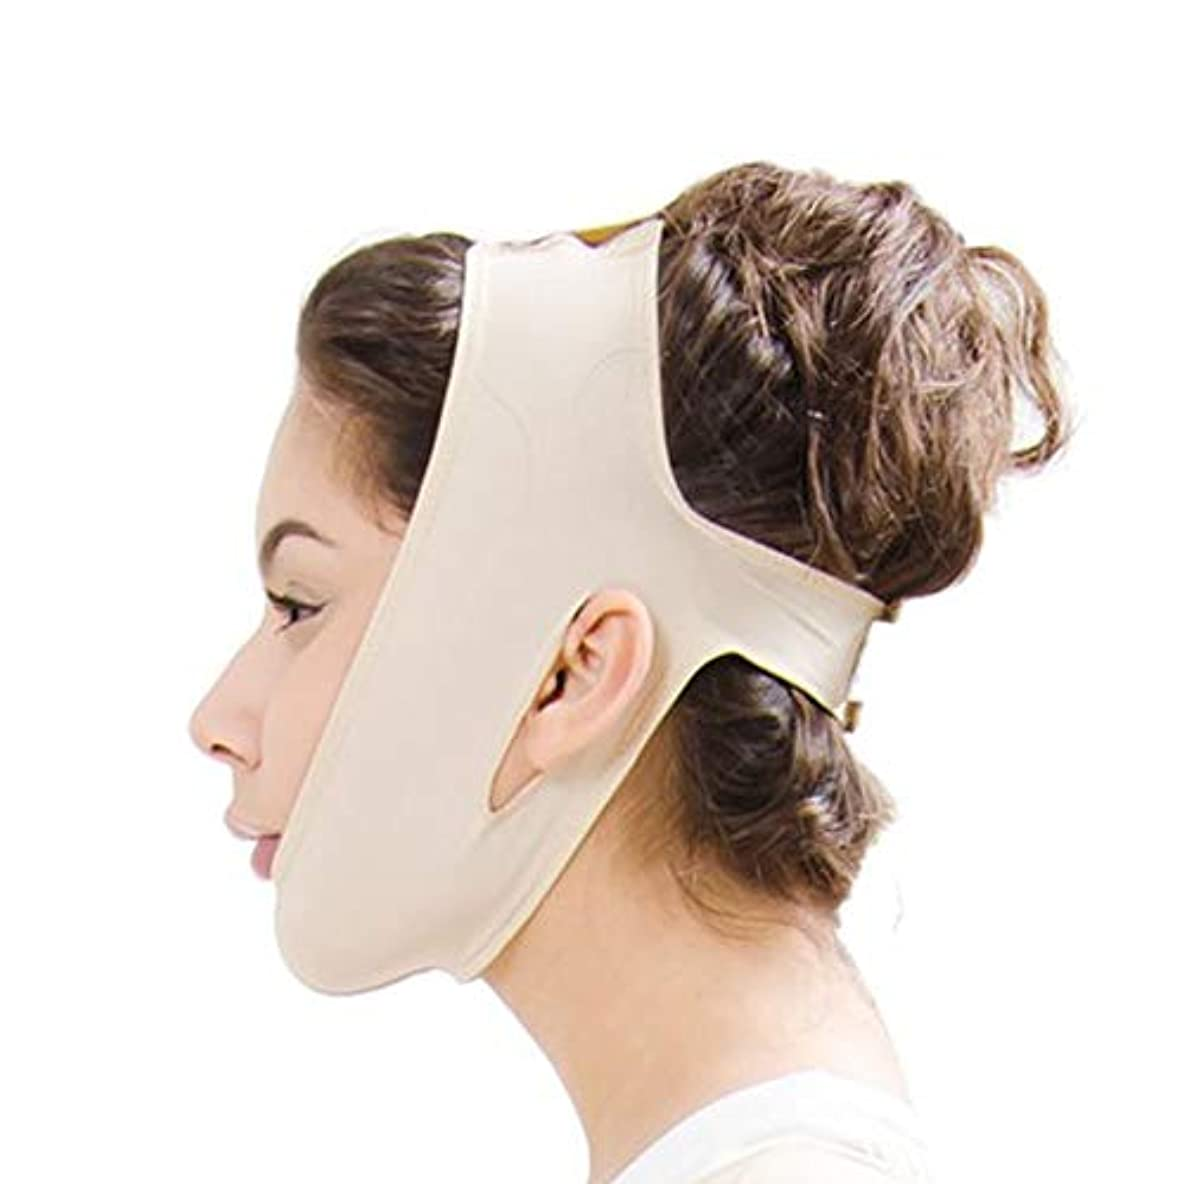 フォージ辞書出撃者GLJJQMY フェイシャルリフティングマスクフェイシャルダブルチンコンプレッションV字型フェイスブレスレットヘッドギアリフティングファーミングスキン 顔用整形マスク (Size : XL)